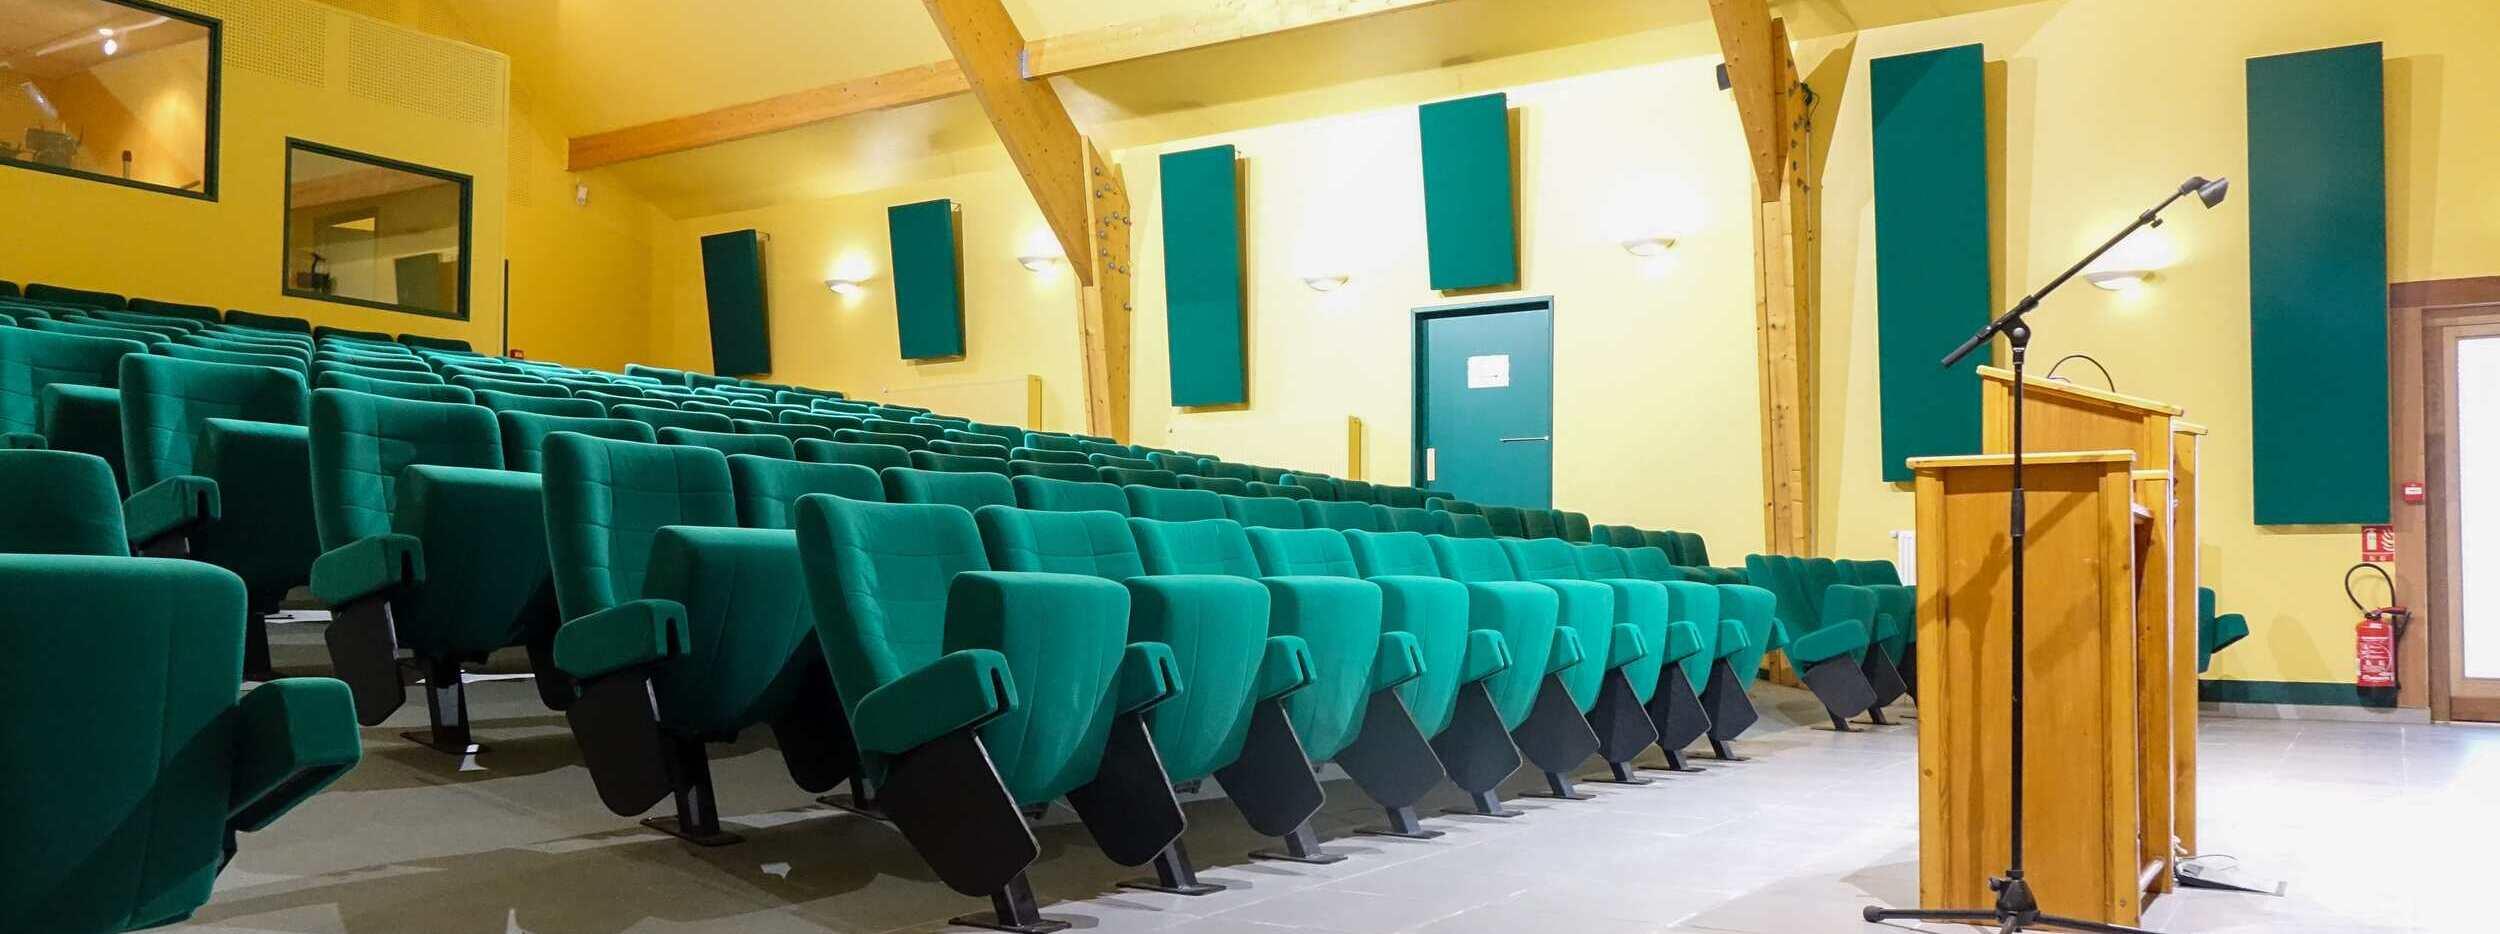 L'auditorium de 176 places en location pour conférences, vue de la scène